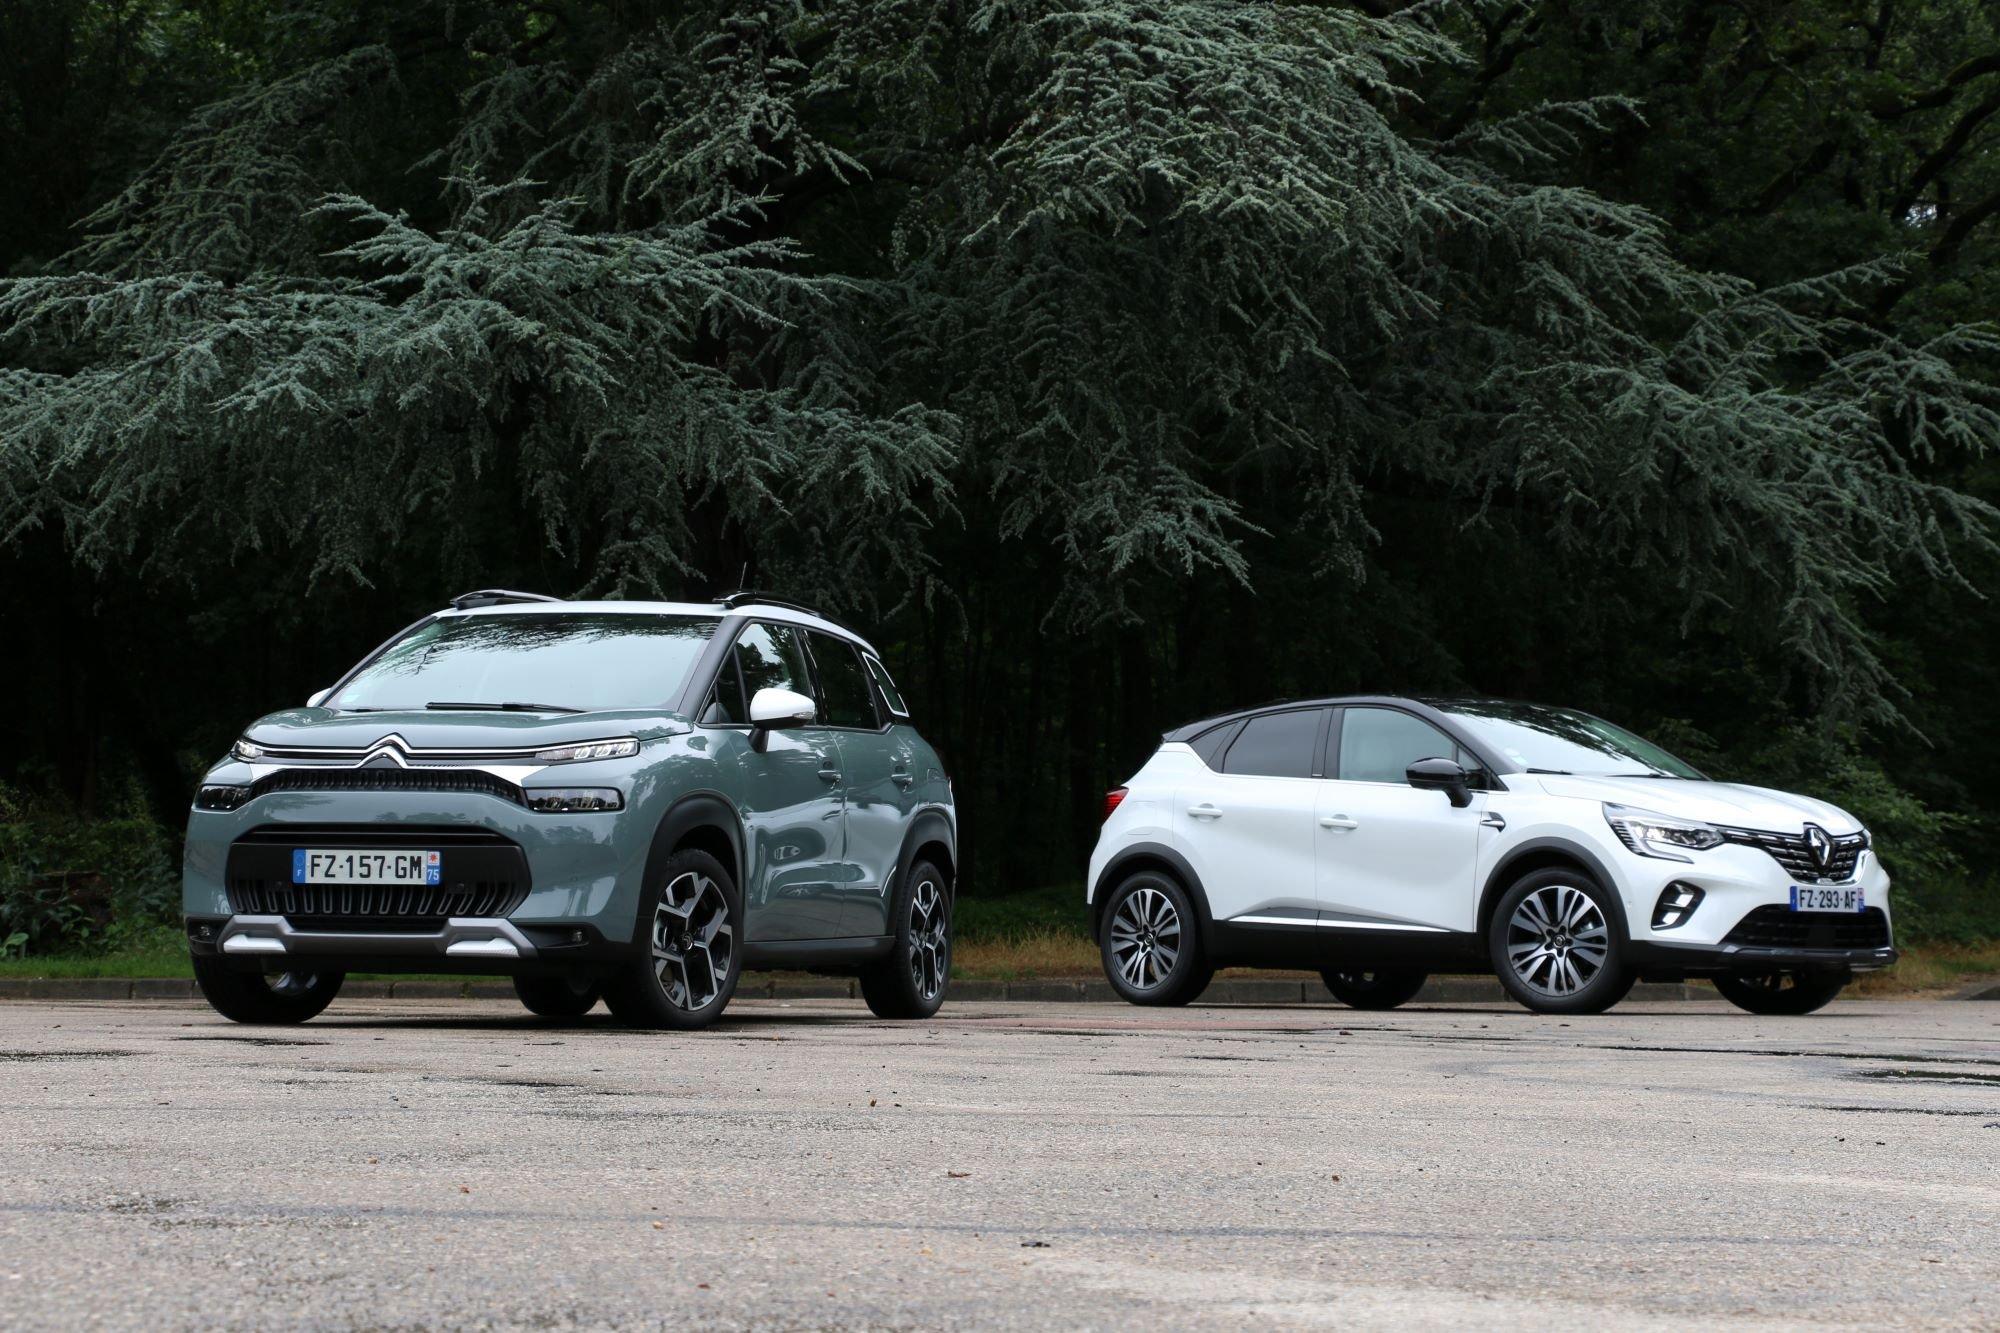 le Citroën C3 Aircross restylé peut-il tenir face au Renault Captur ?